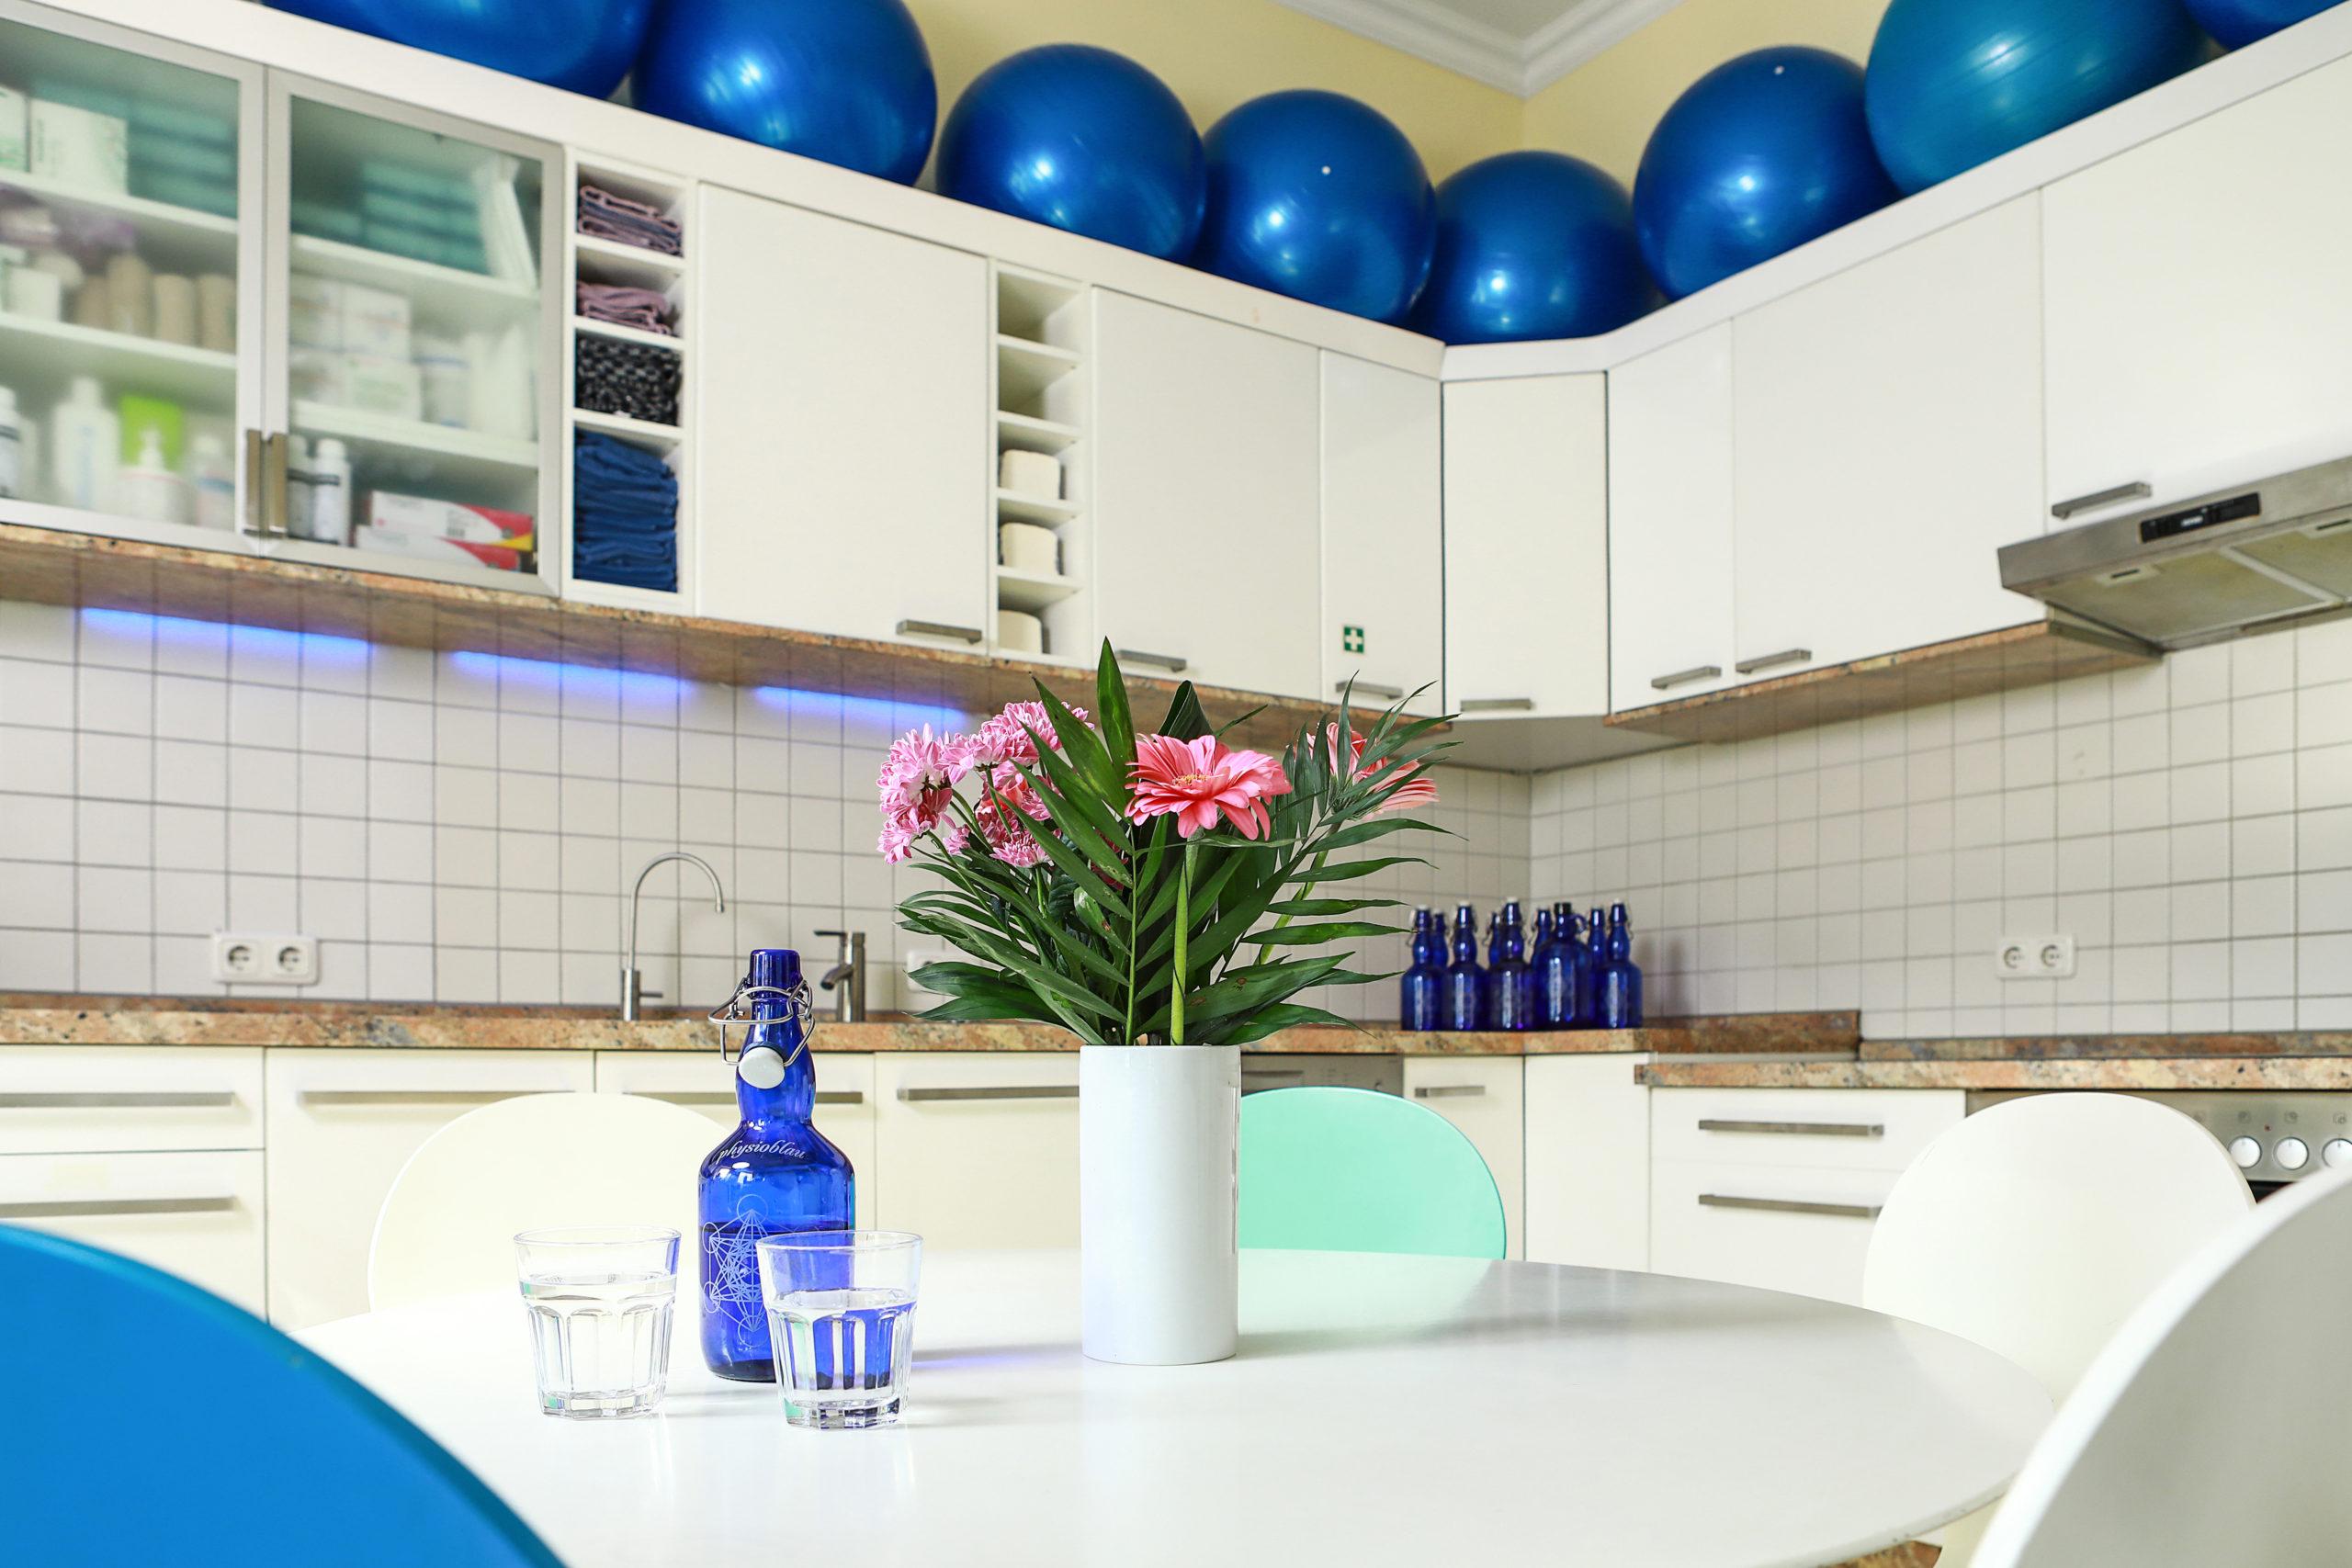 Küchen- und Aufenthaltsraum der Physiotherapie Blau in Potsdam